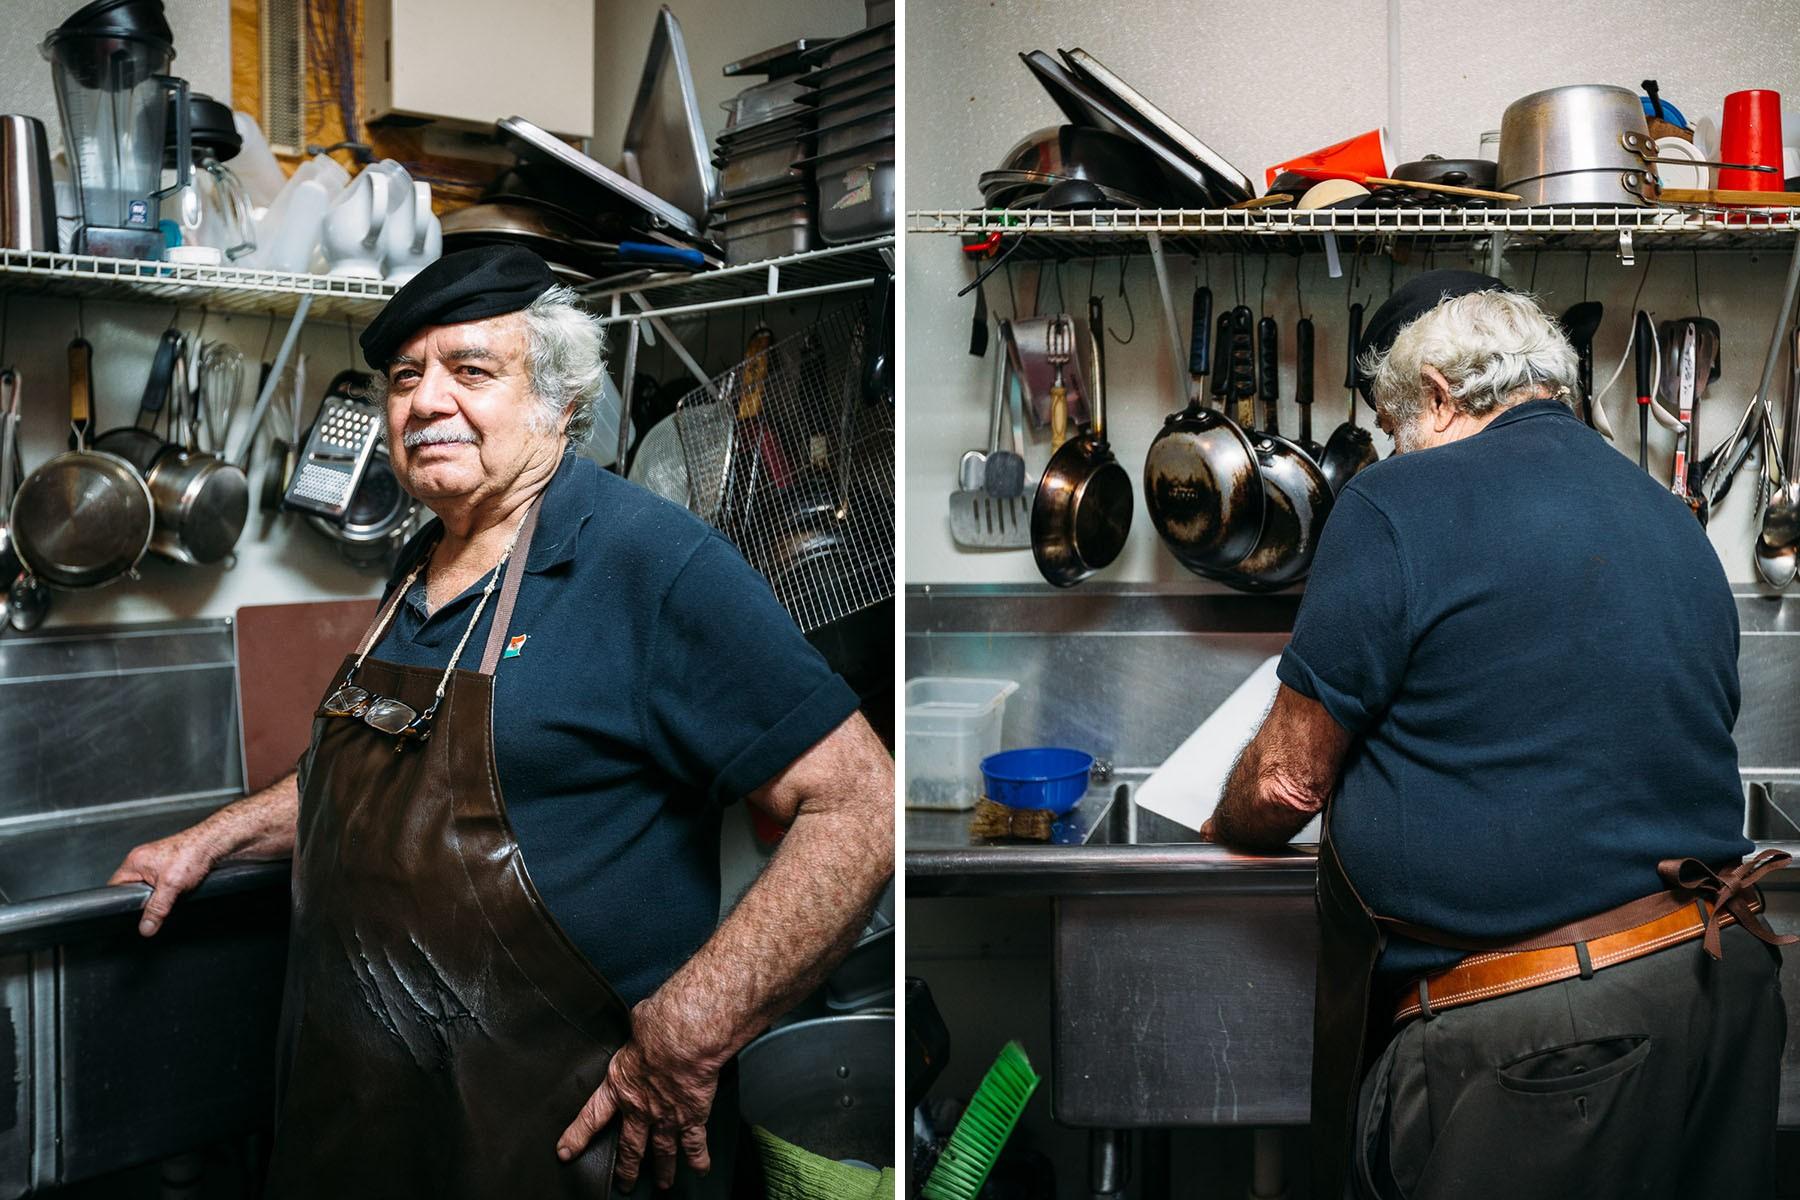 El-Gorupo-as-a-dishwasher